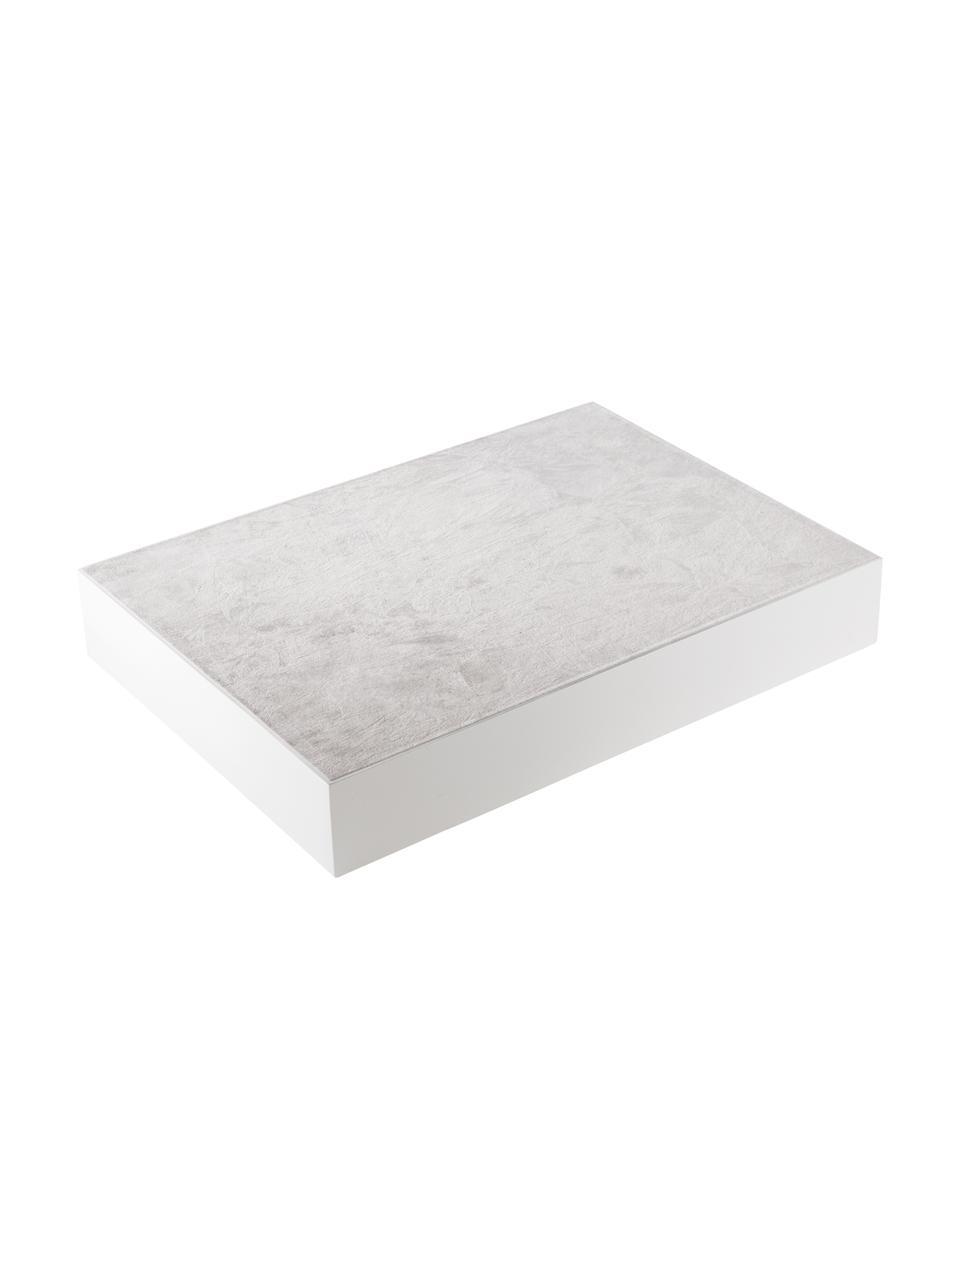 Hochglanz-Tablett Tracy in Weiß, verschiedene Größen, Tablett: Mitteldichte Holzfaserpla, Unterseite: Samtbezug, Weiß, L 50 cm